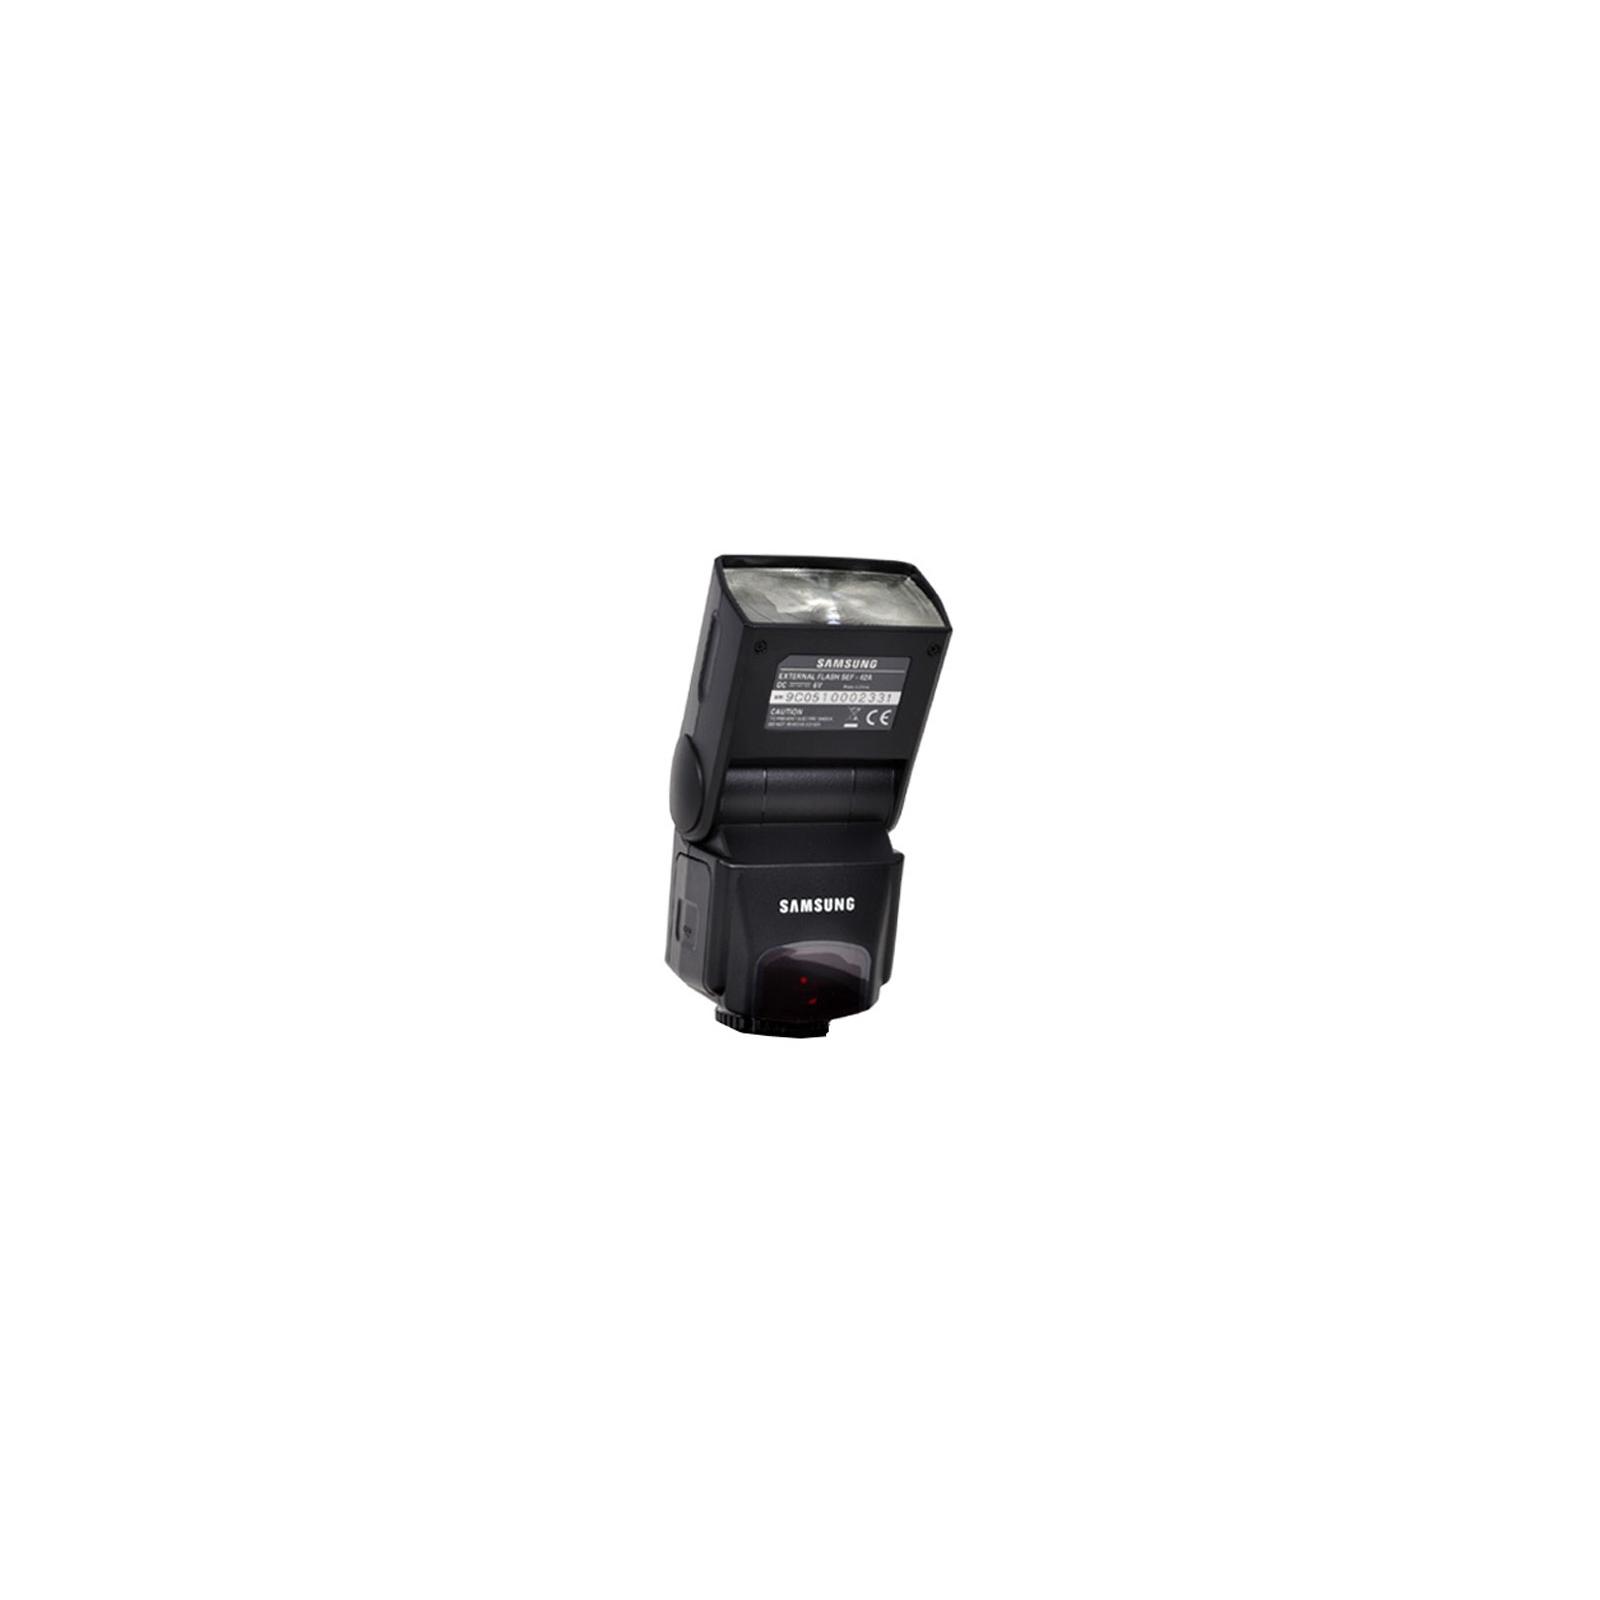 Вспышка Samsung Flash ED-SEF42A (ED-SEF42A) изображение 5